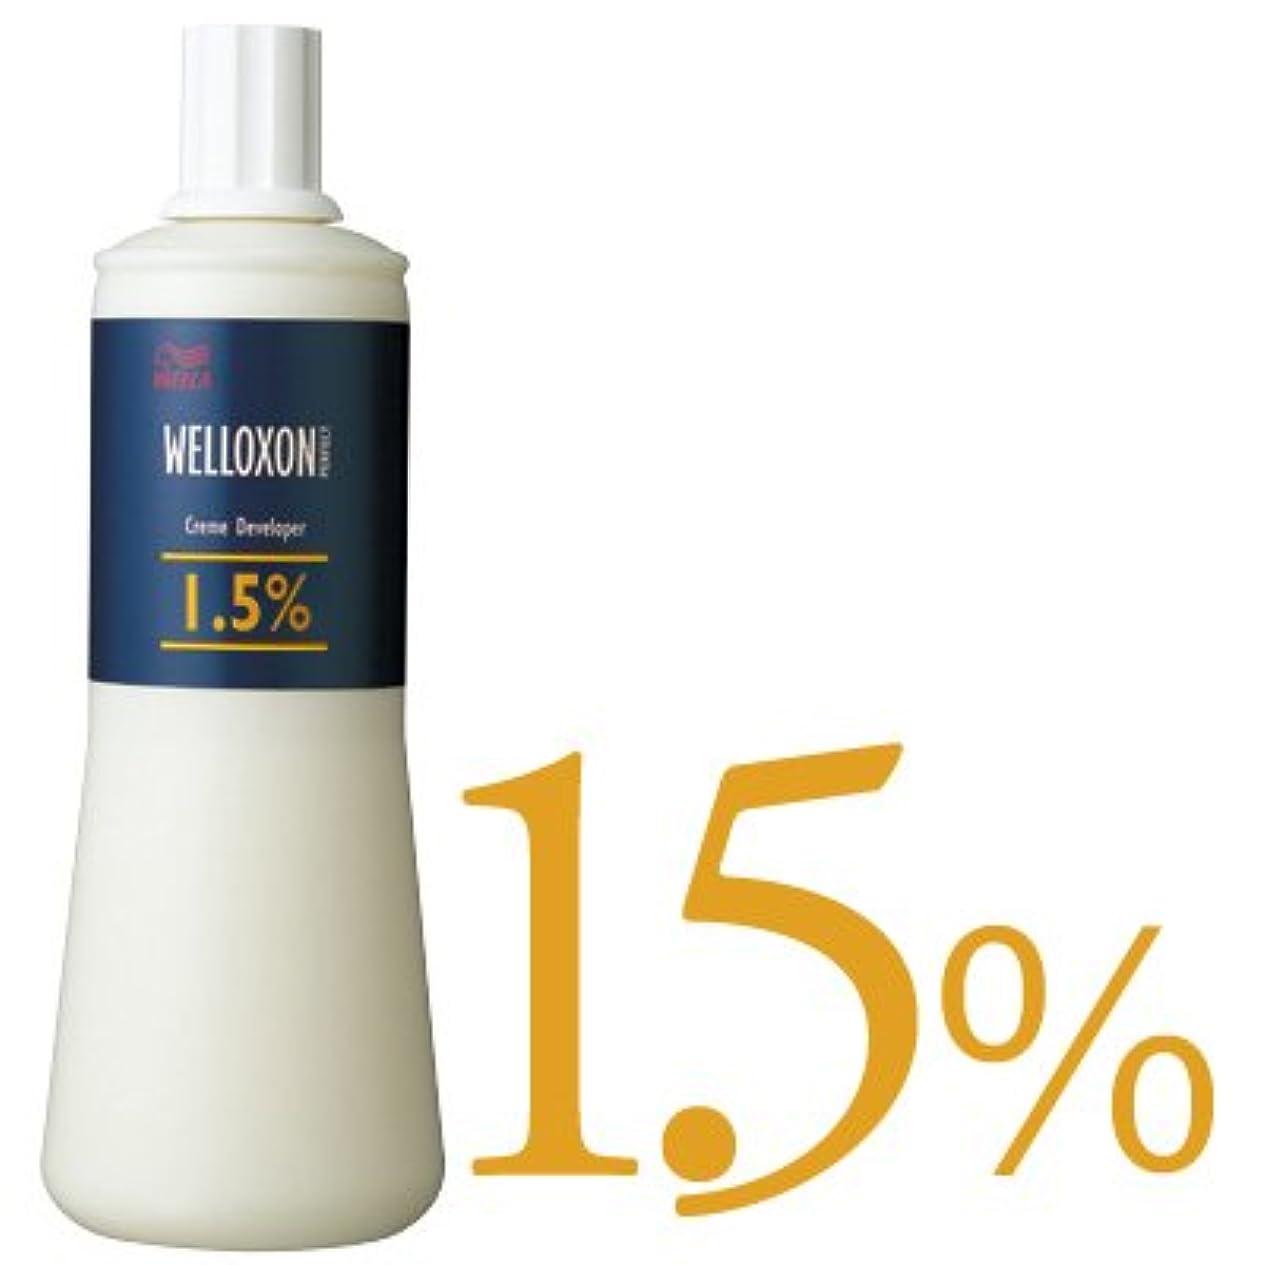 連想徐々に平手打ちウエラ ウエロキソンパーフェクト 1.5%